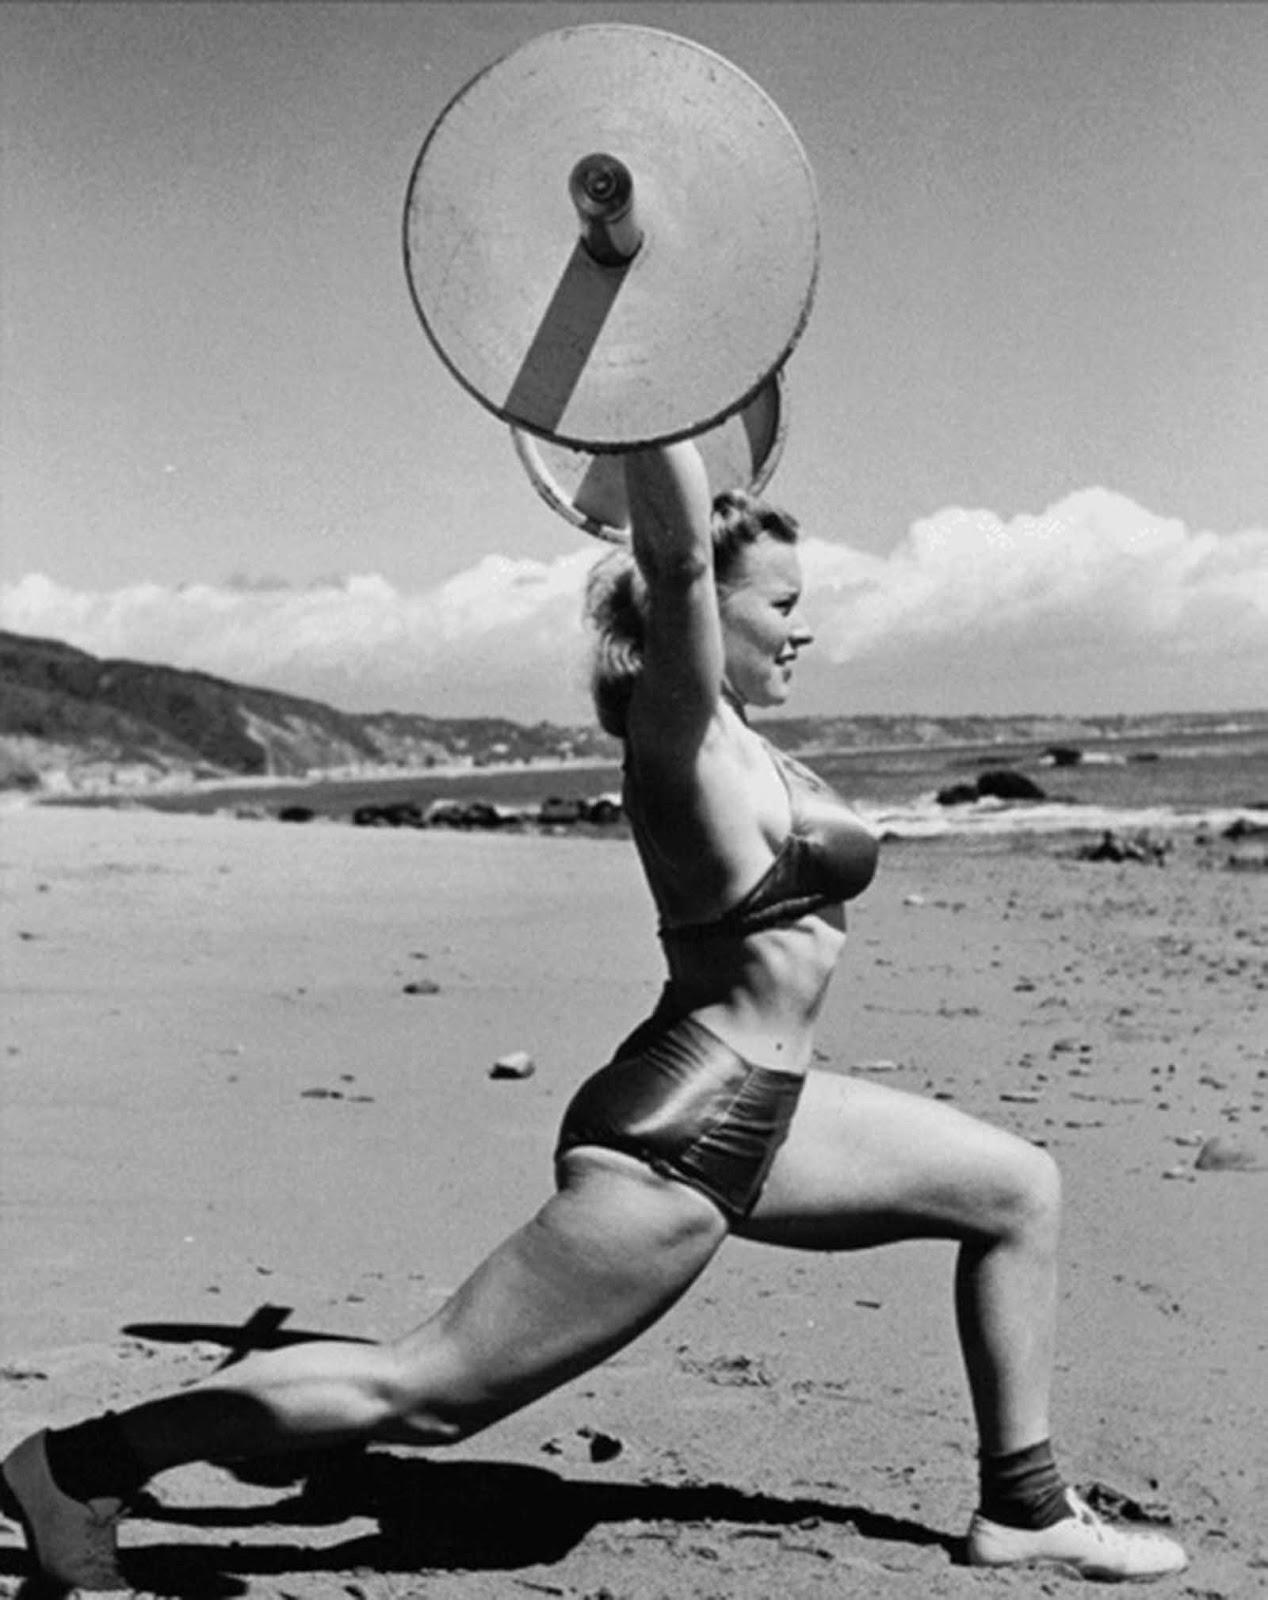 La première femme les culturistes et les strongwomen exhibant leurs gains, des années 1900